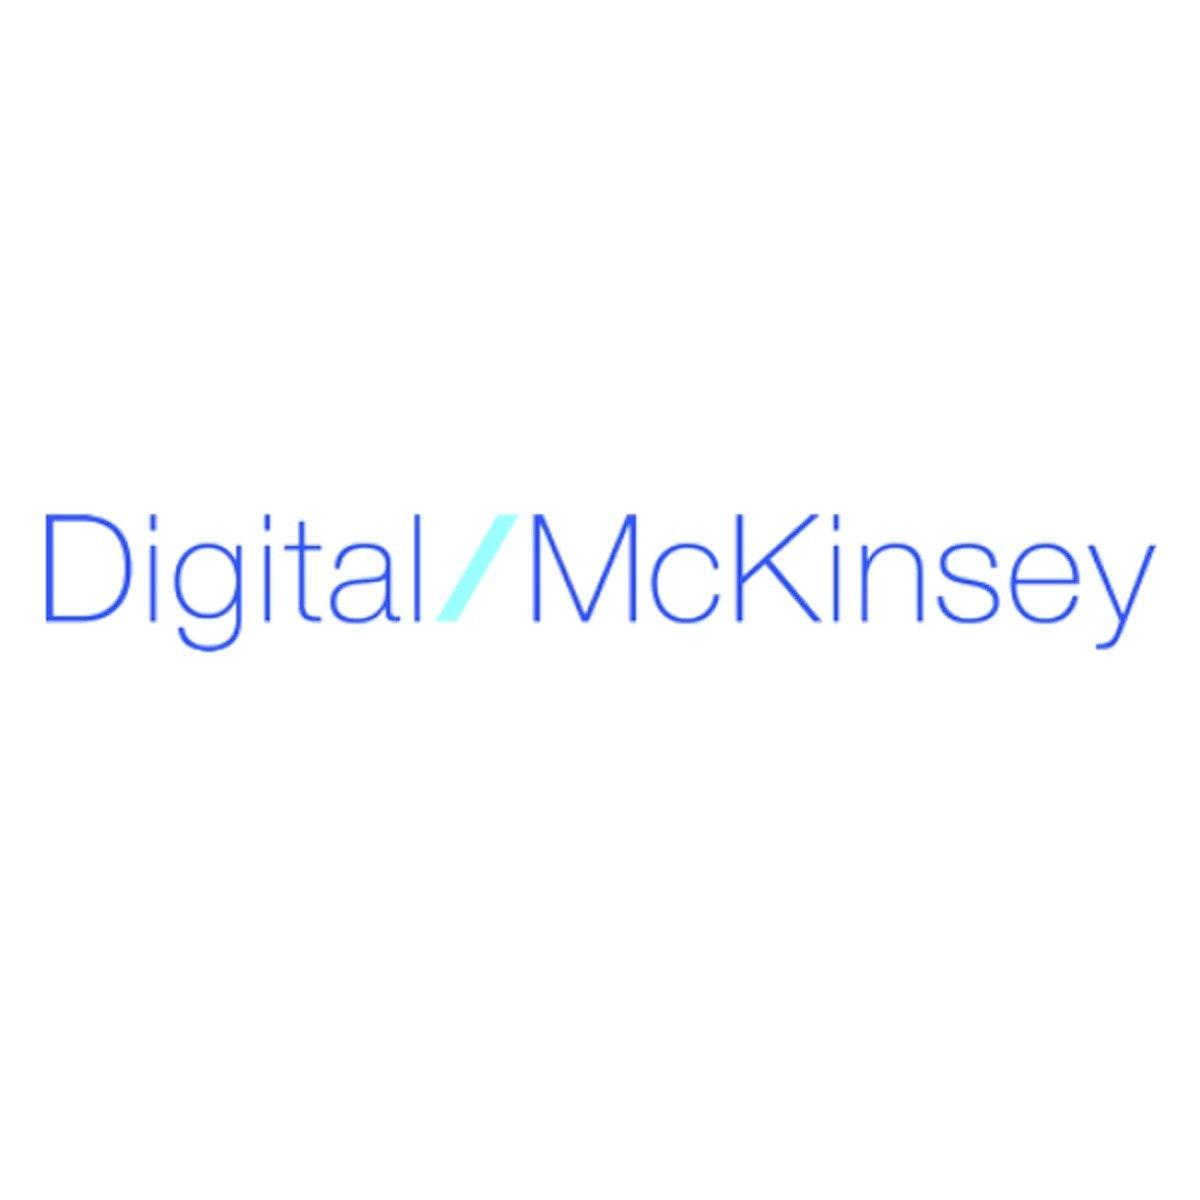 Praktikum bei Digital McKinsey. Du brauchst eine Entwicklungsumgebung? Wir bieten Dir die beste!